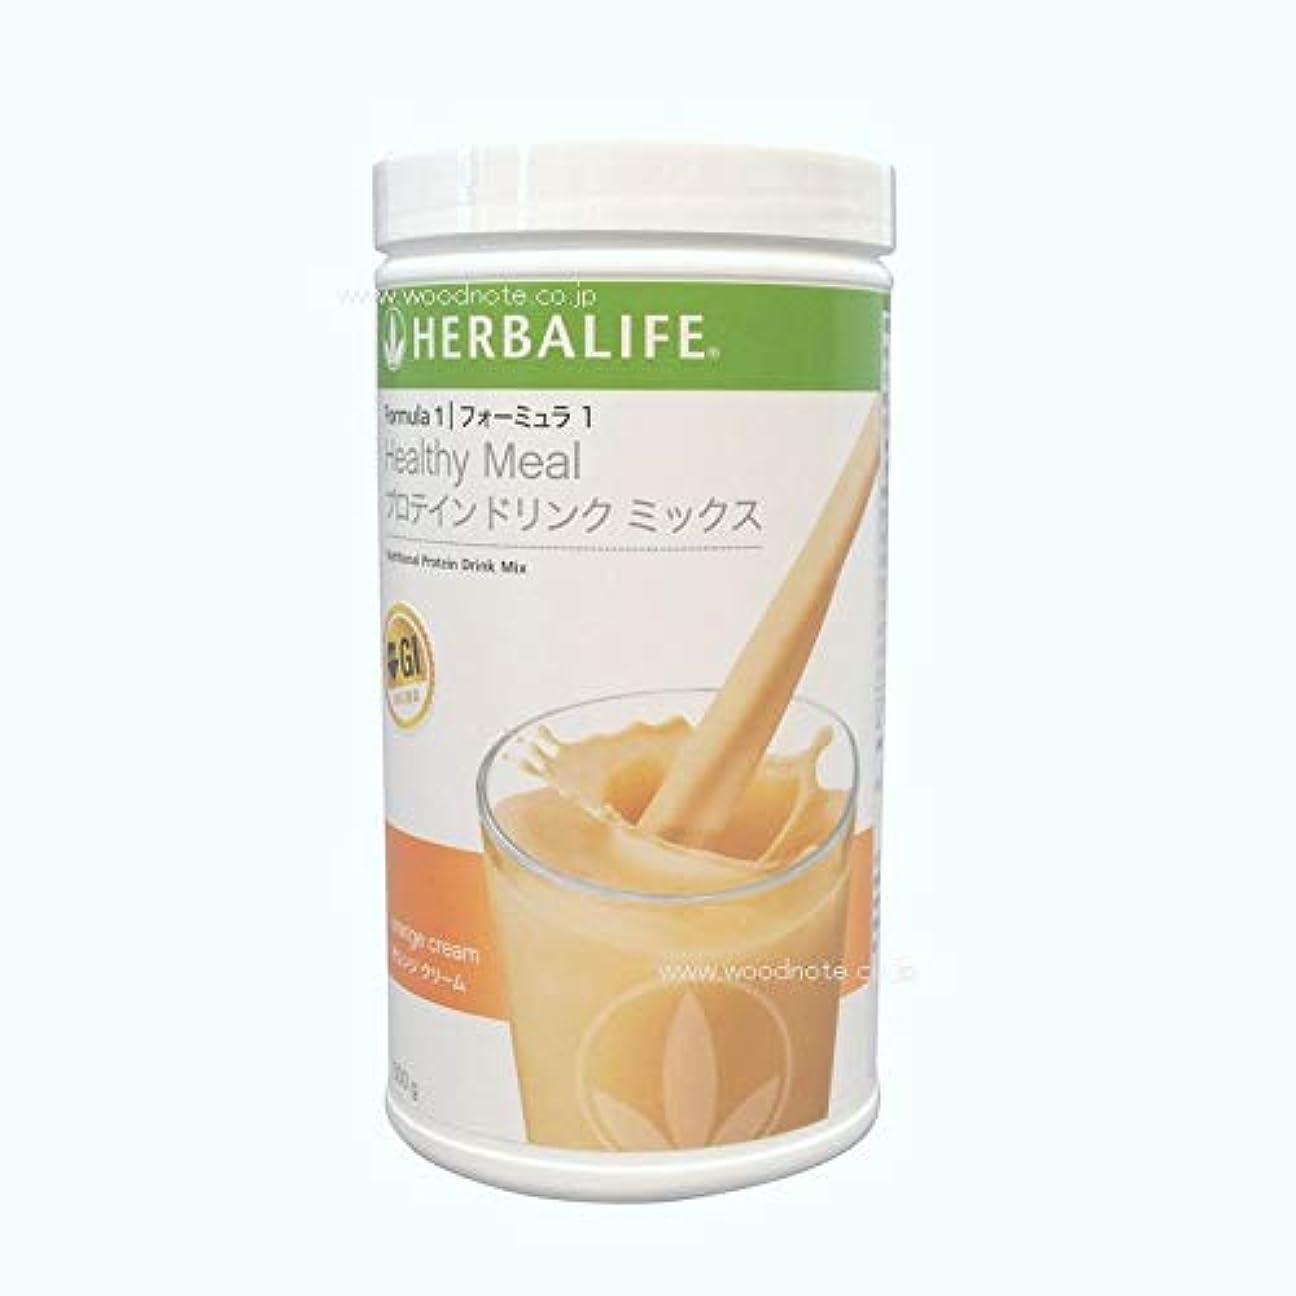 証書酸度一般的にハーバライフ HERBALIFE フォーミュラ1プロテインドリンクミックス オレンジクリーム味